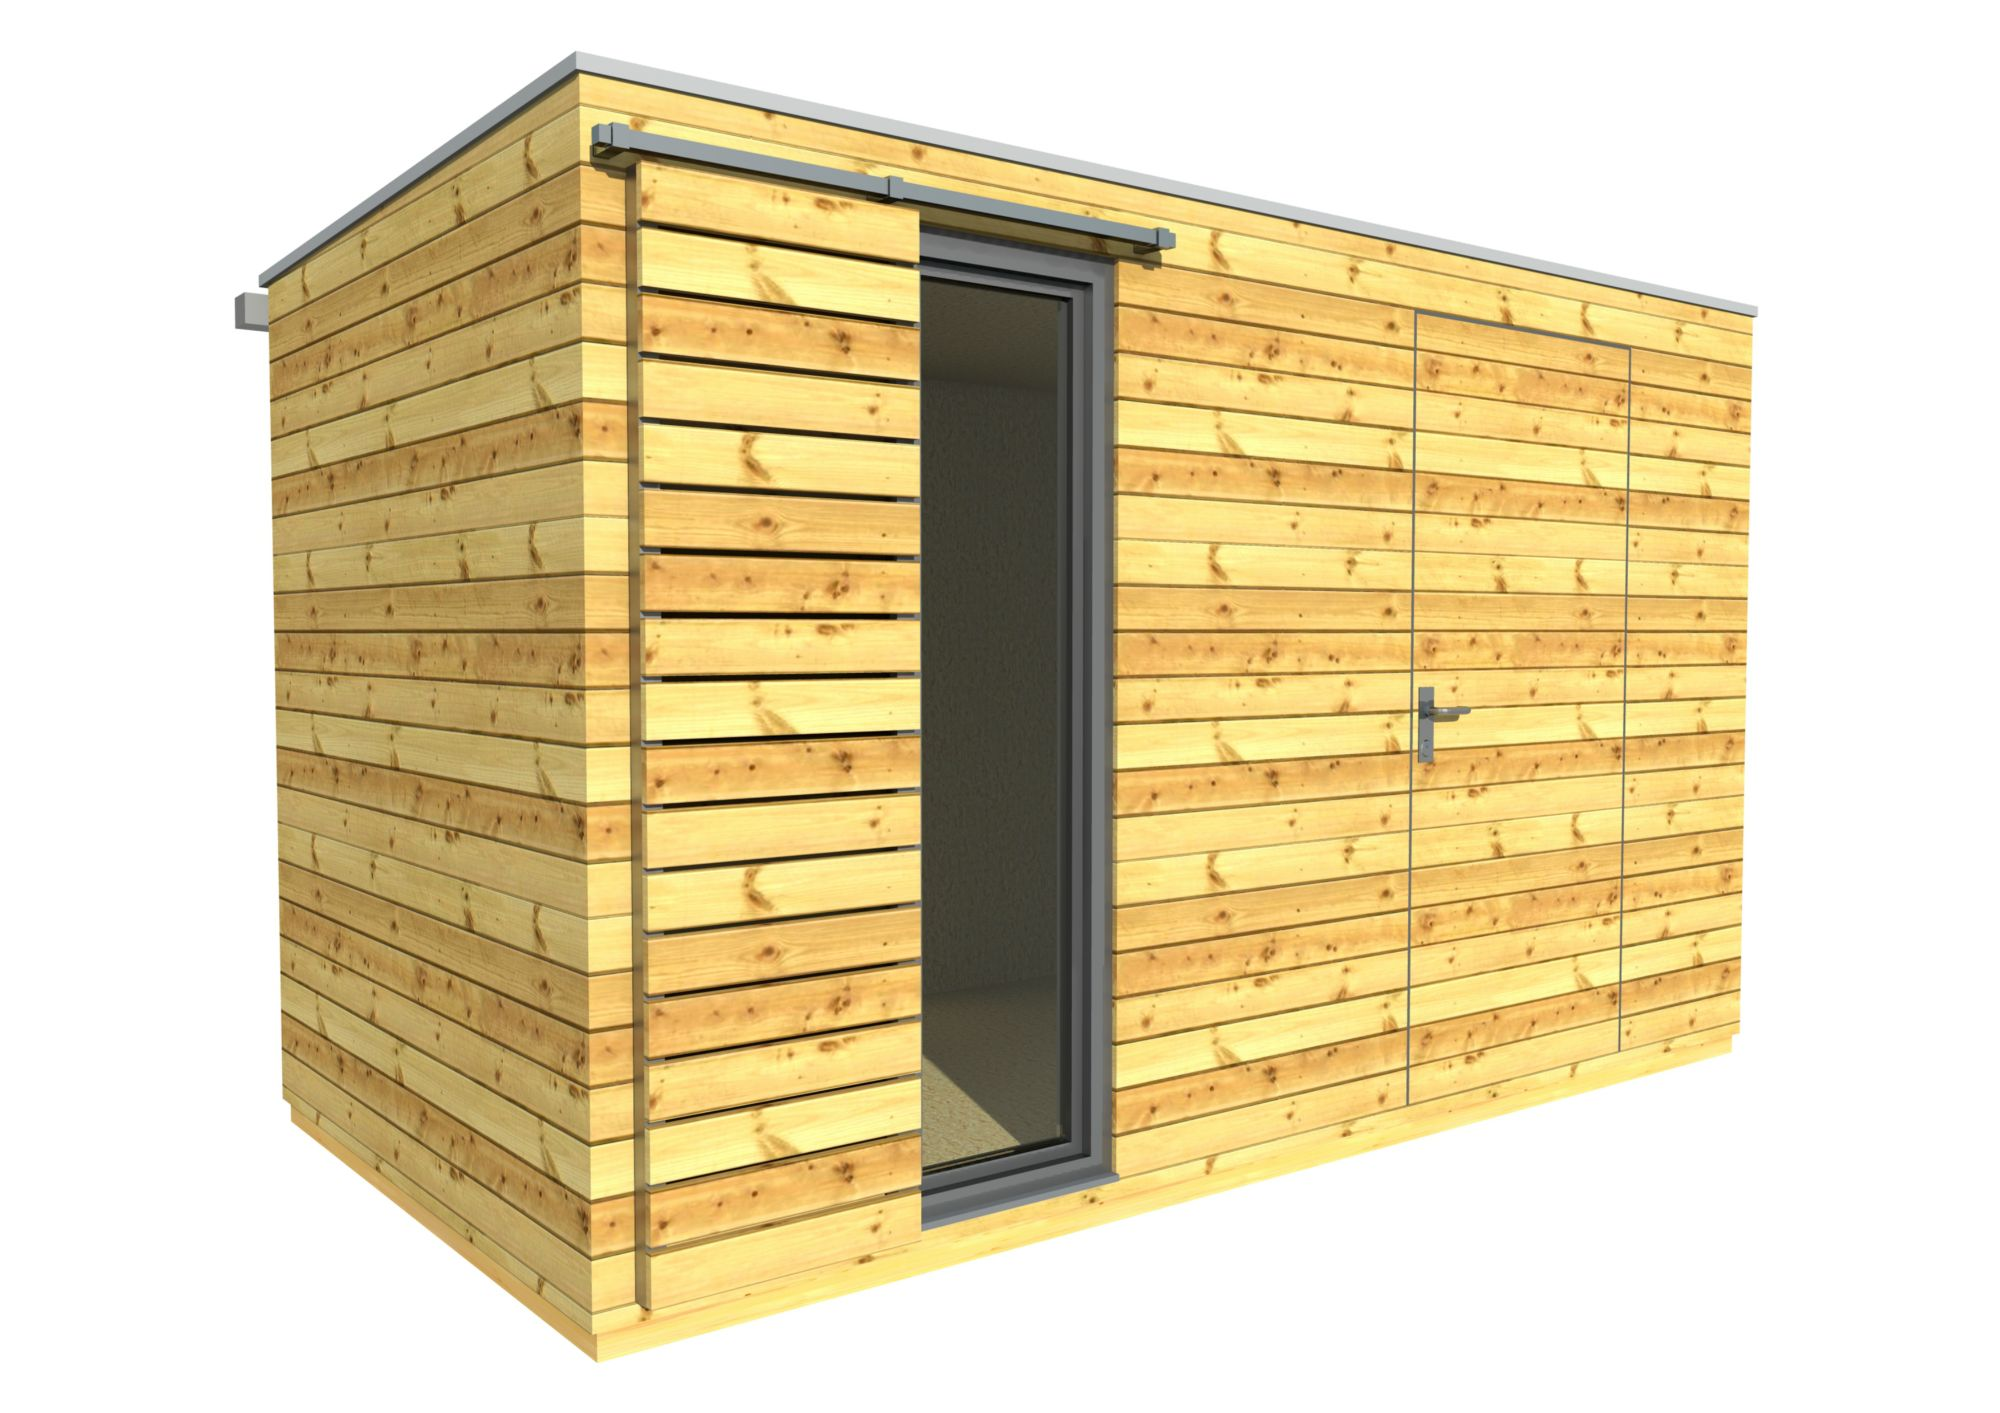 gartenhaus 4x2 m - naturhouse s7 | naturhouse® - moderne gartenhäuser